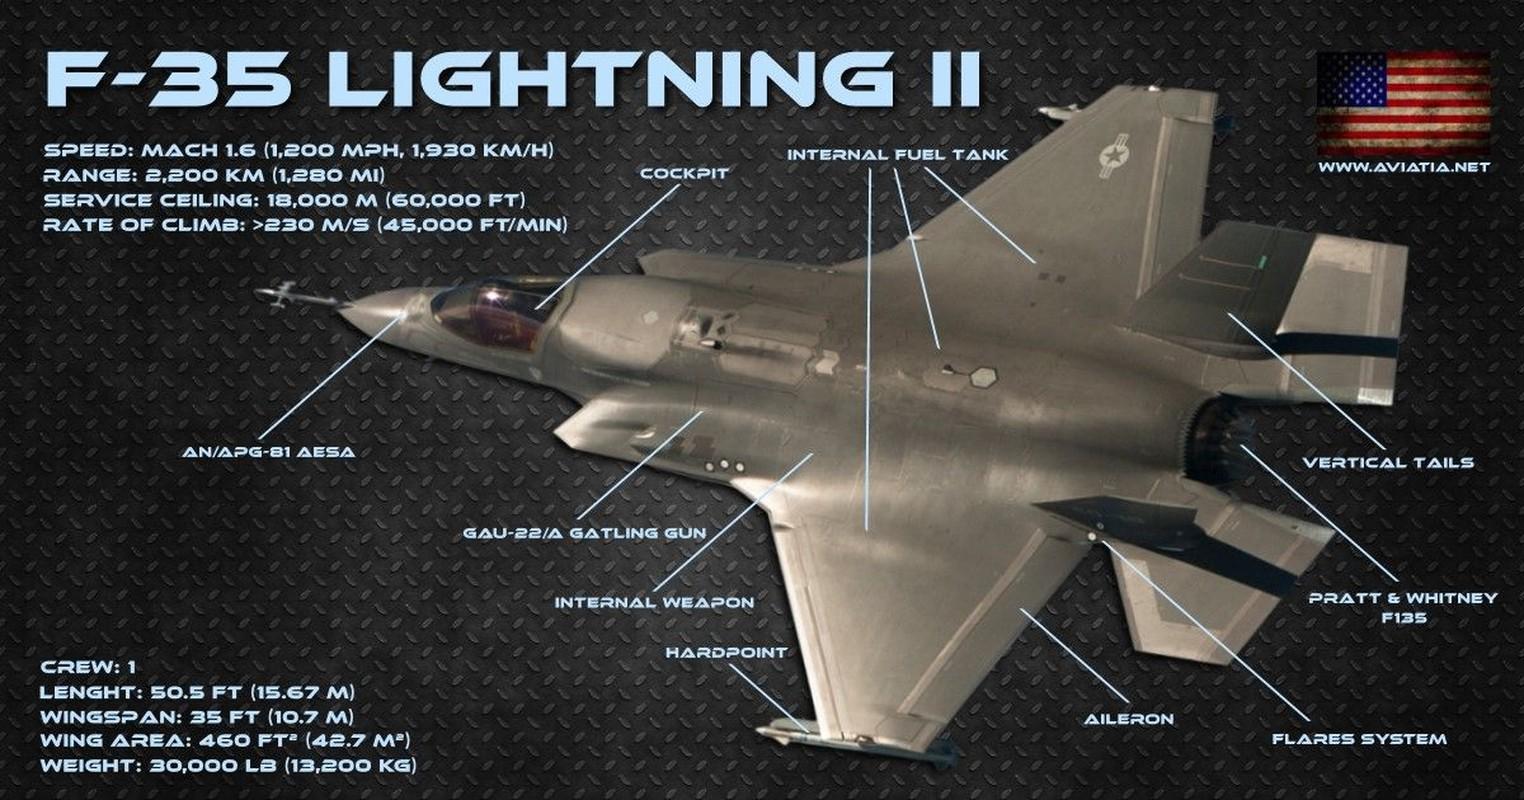 Ly do My quyet khong ban F-15 hay F-35 cho dao Dai Loan?-Hinh-4